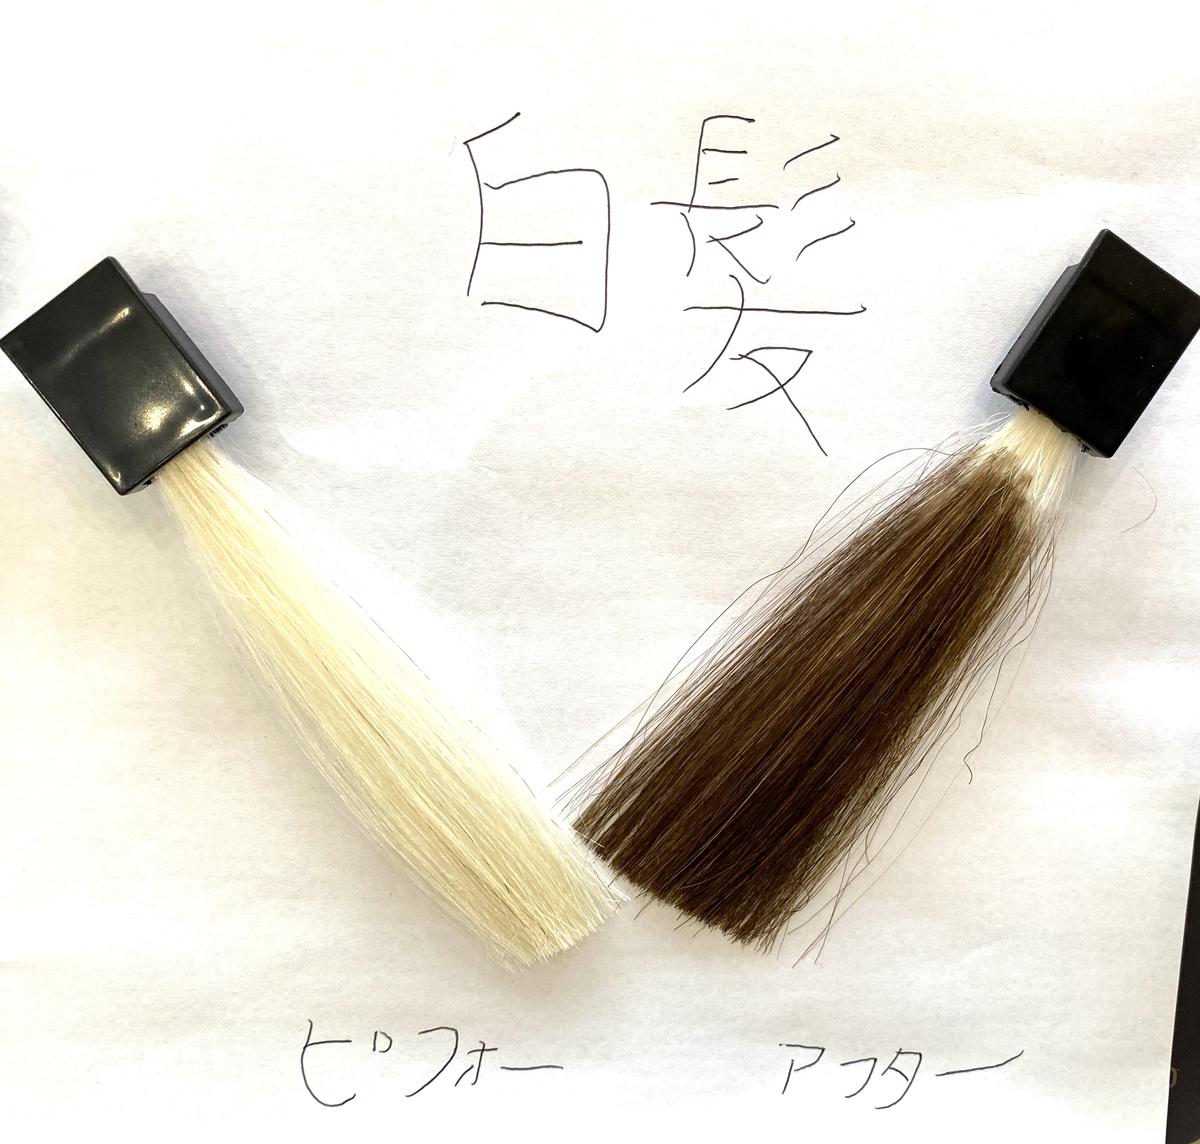 画黒左が白髪で画面右が白髪にココナッツブラウンで染めた仕上がり